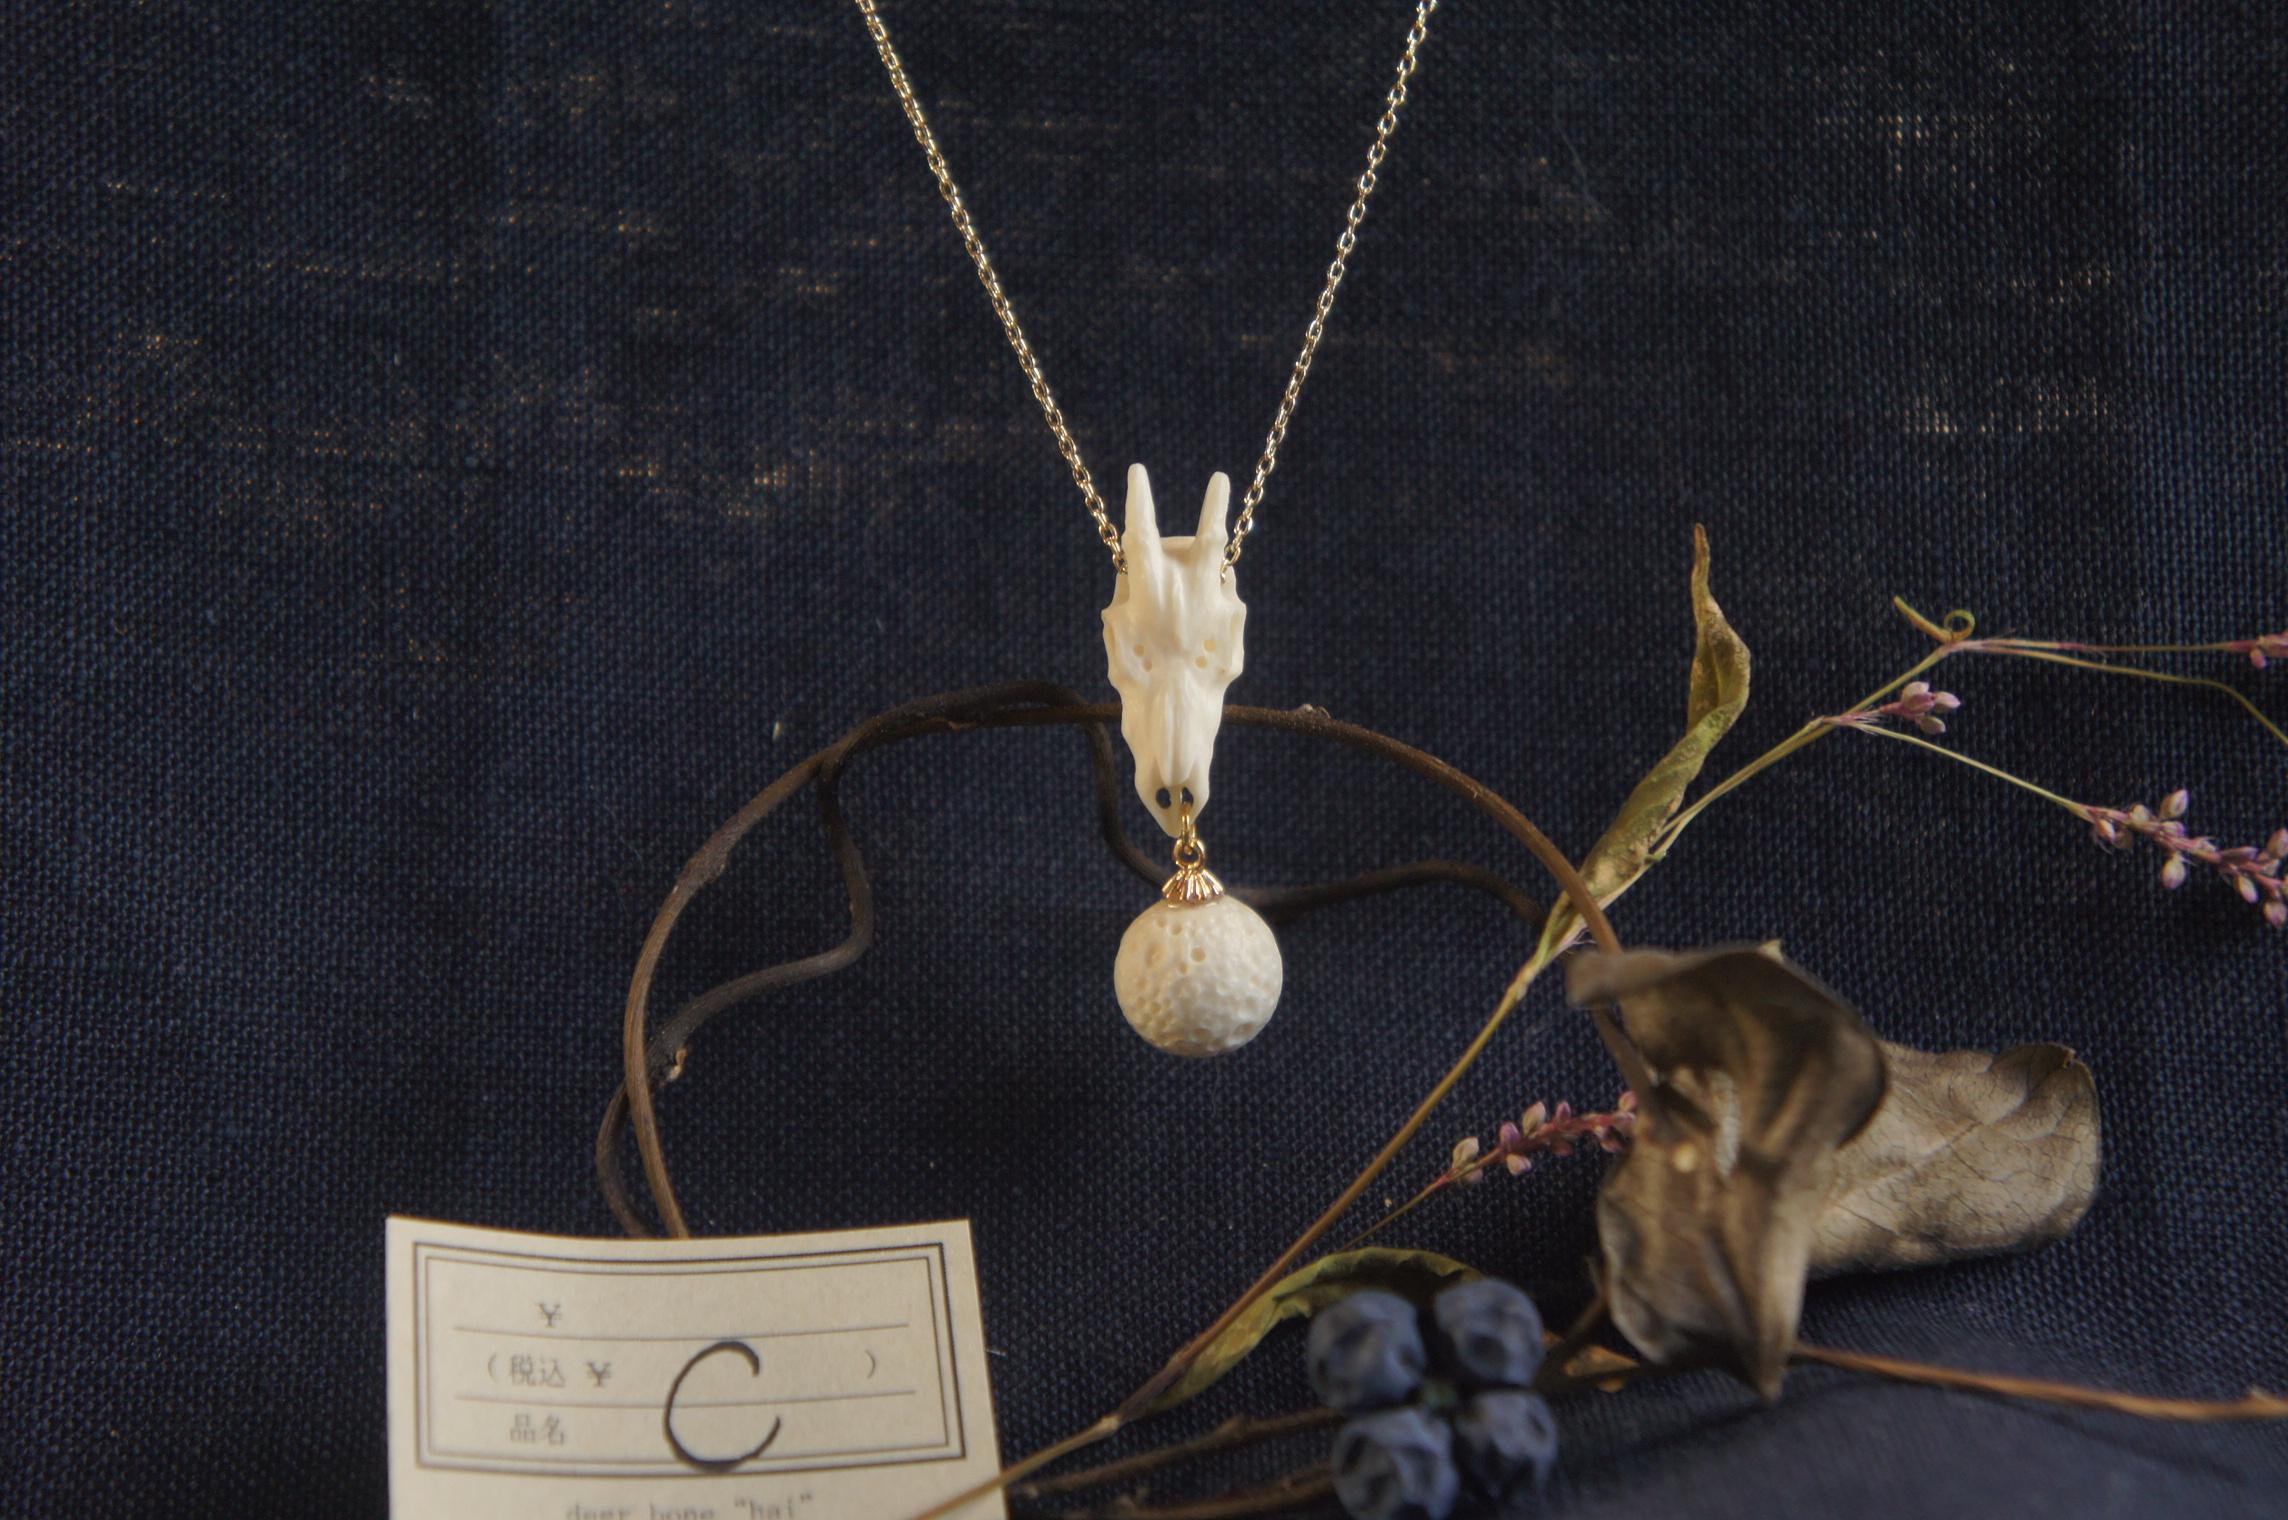 【c】鹿角彫刻の小さい月「月齢・月の子」(鹿頭骨と月のネックレス)